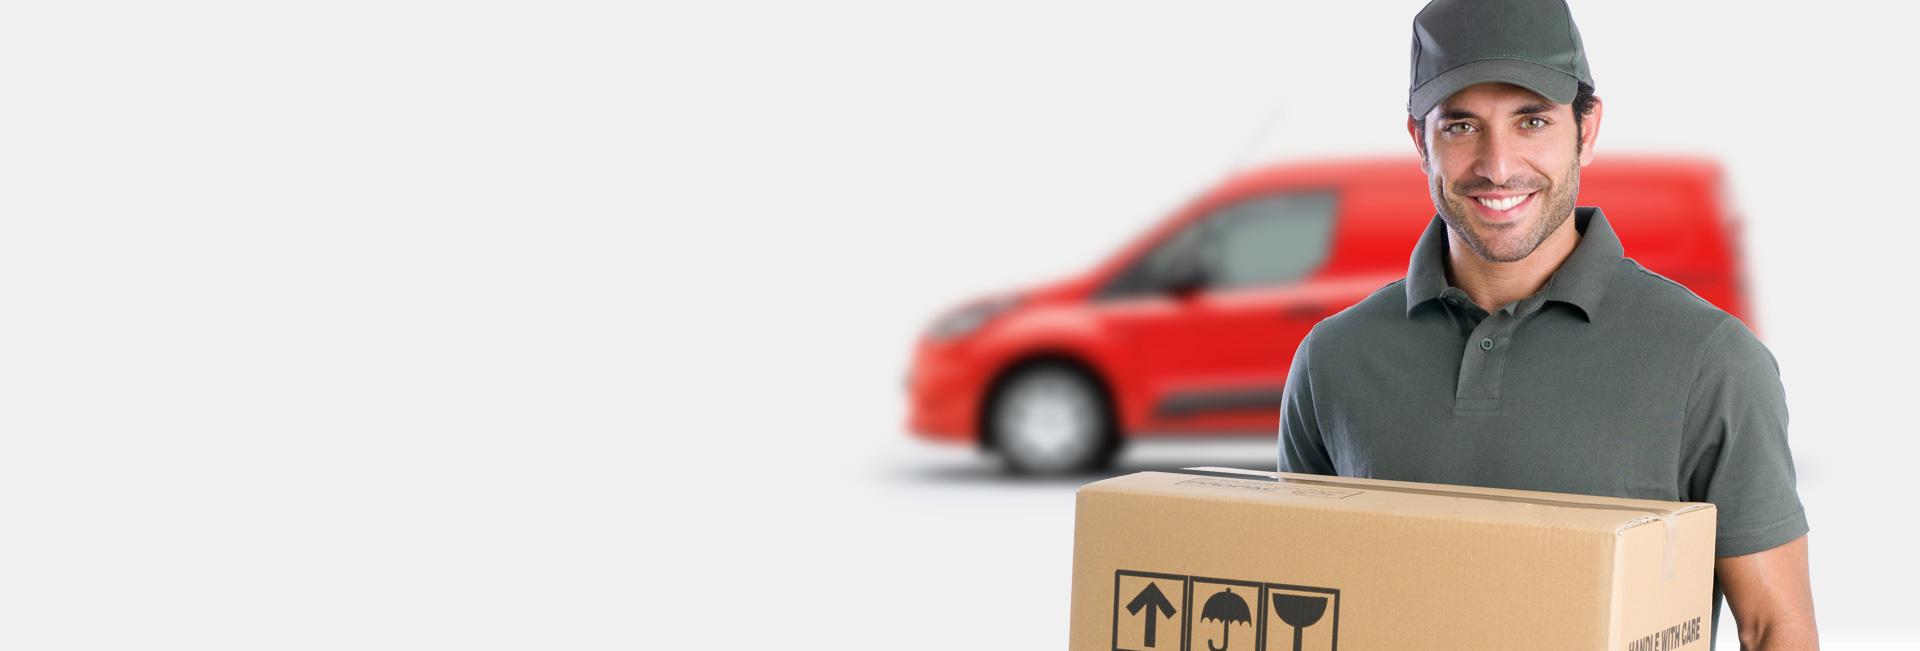 delivery , خدمات- اعلن مجاناً في منصة وموقع عنكبوت للاعلانات المجانية المبوبة photos/2018/03/slider1-delivery.jpg